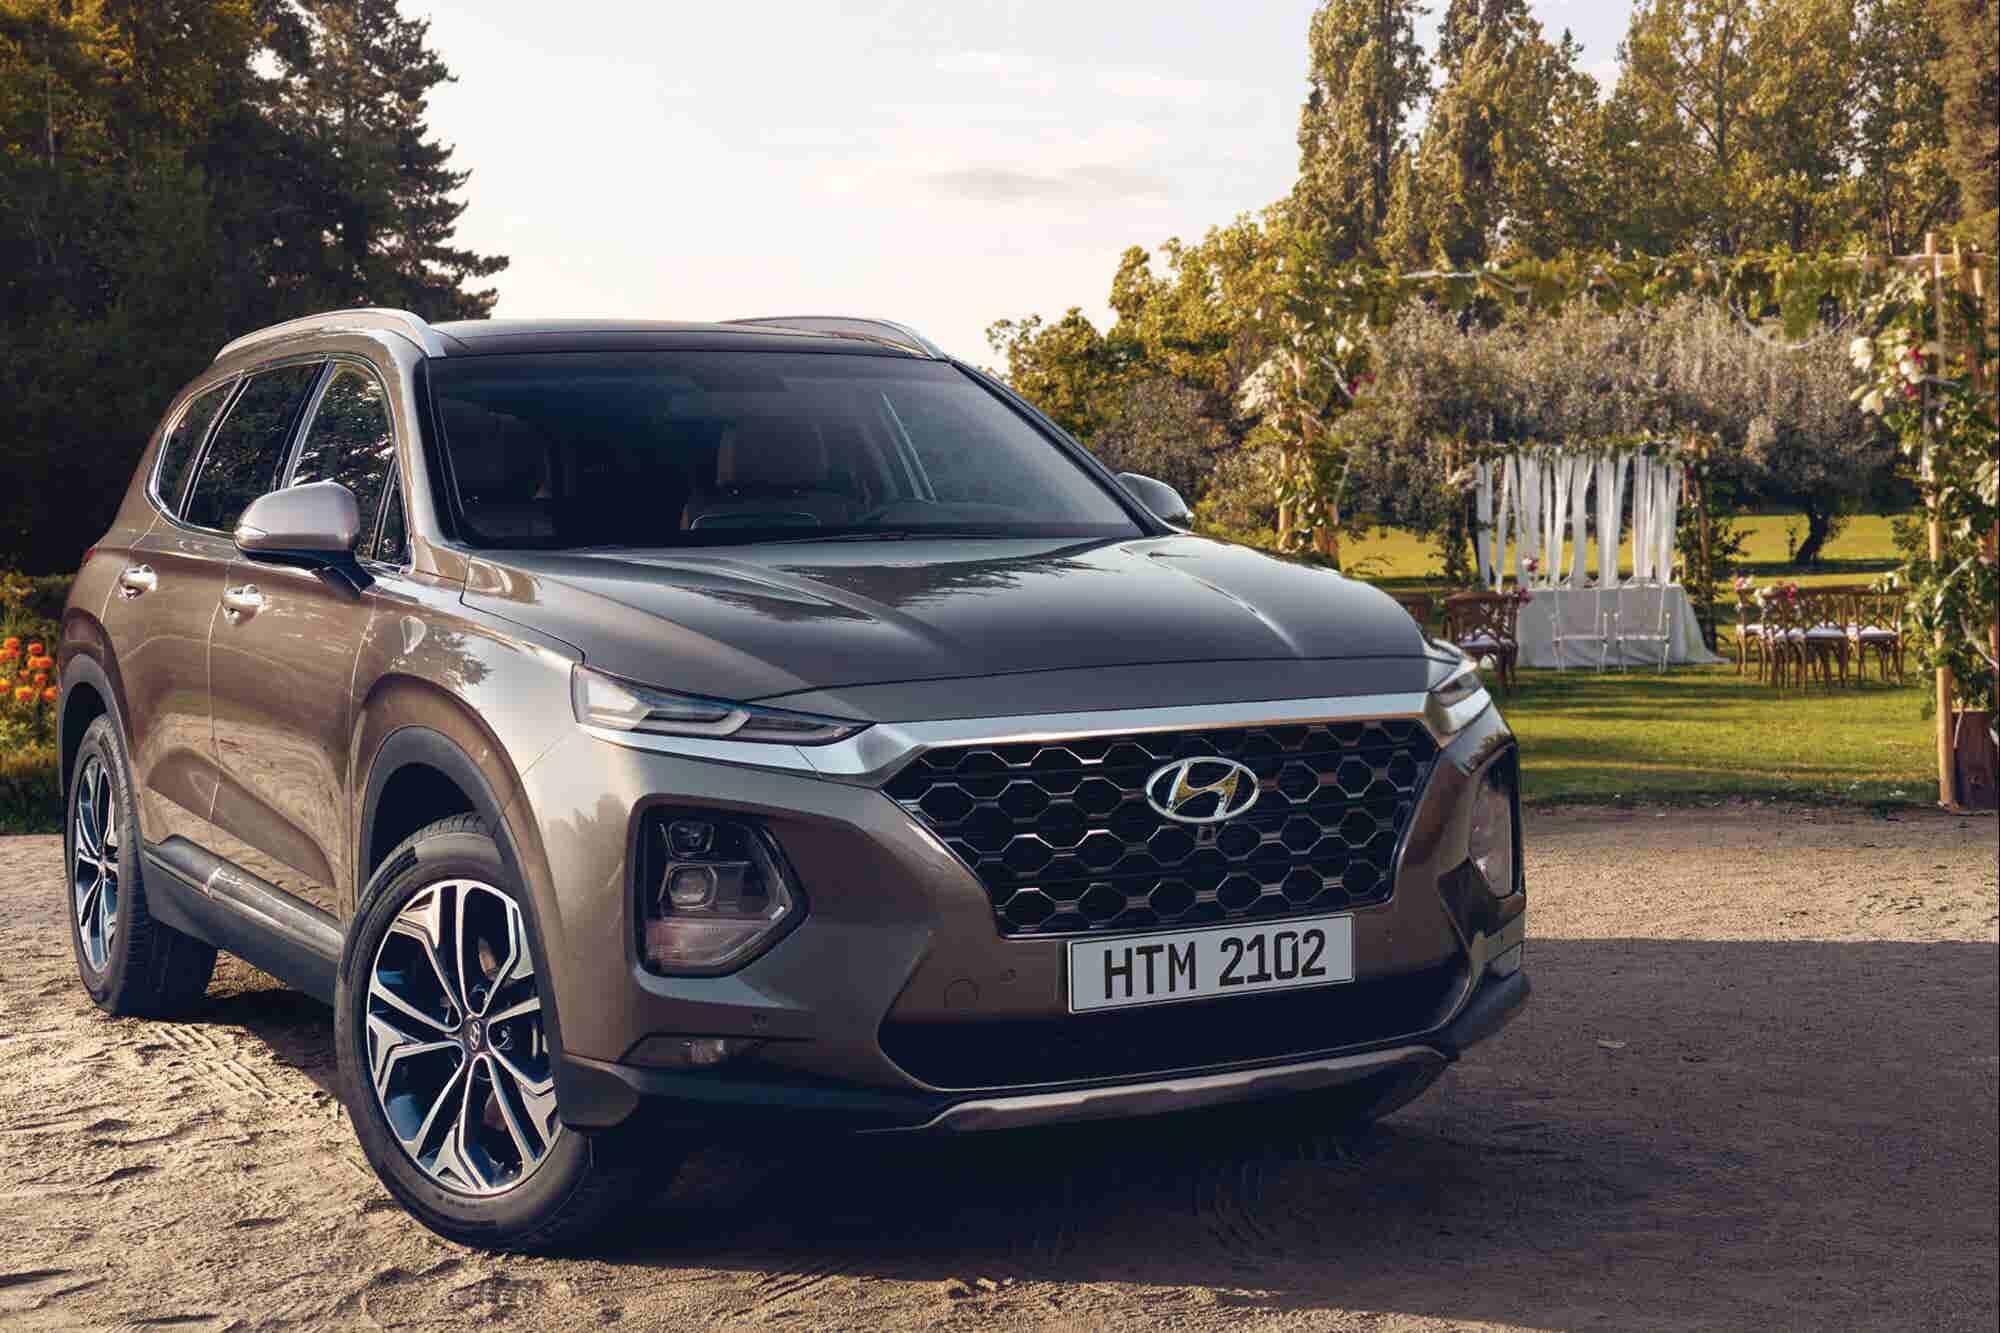 ახალი Hyundai Santa Fe - სრულყოფილი საოჯახო ავტომობილი